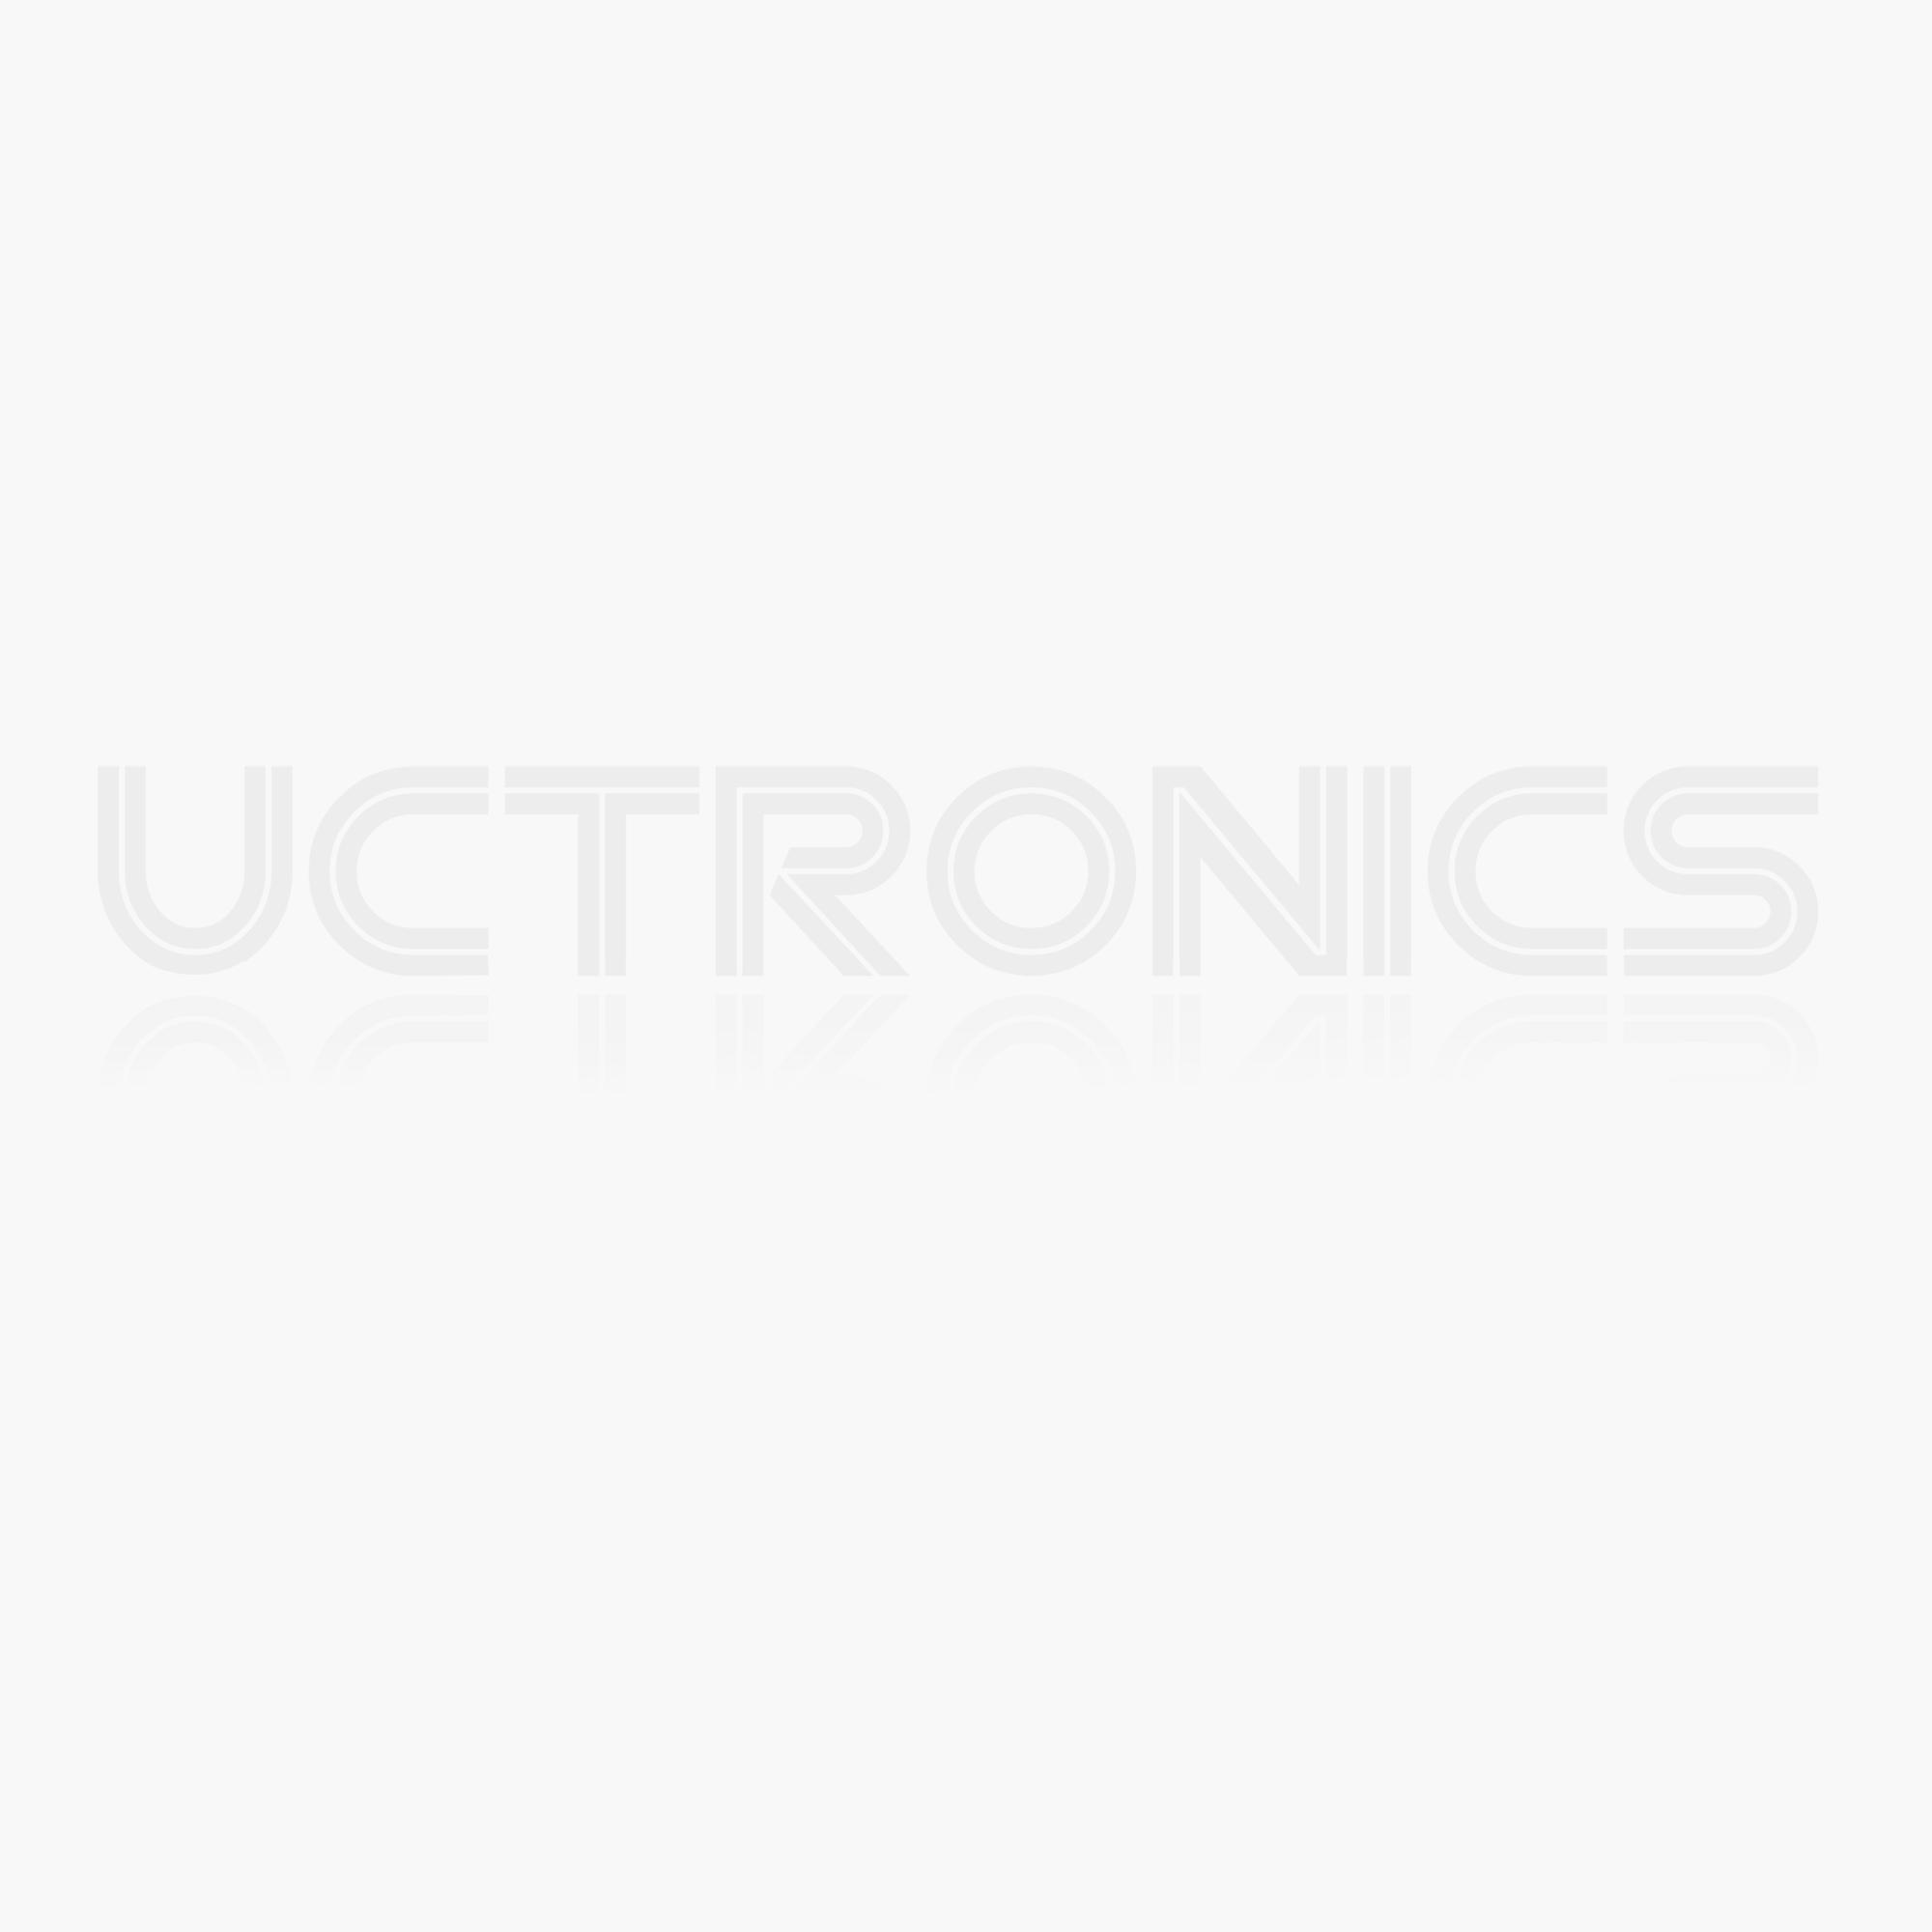 DC 1.7-25V Voltage Panel Meter - Red